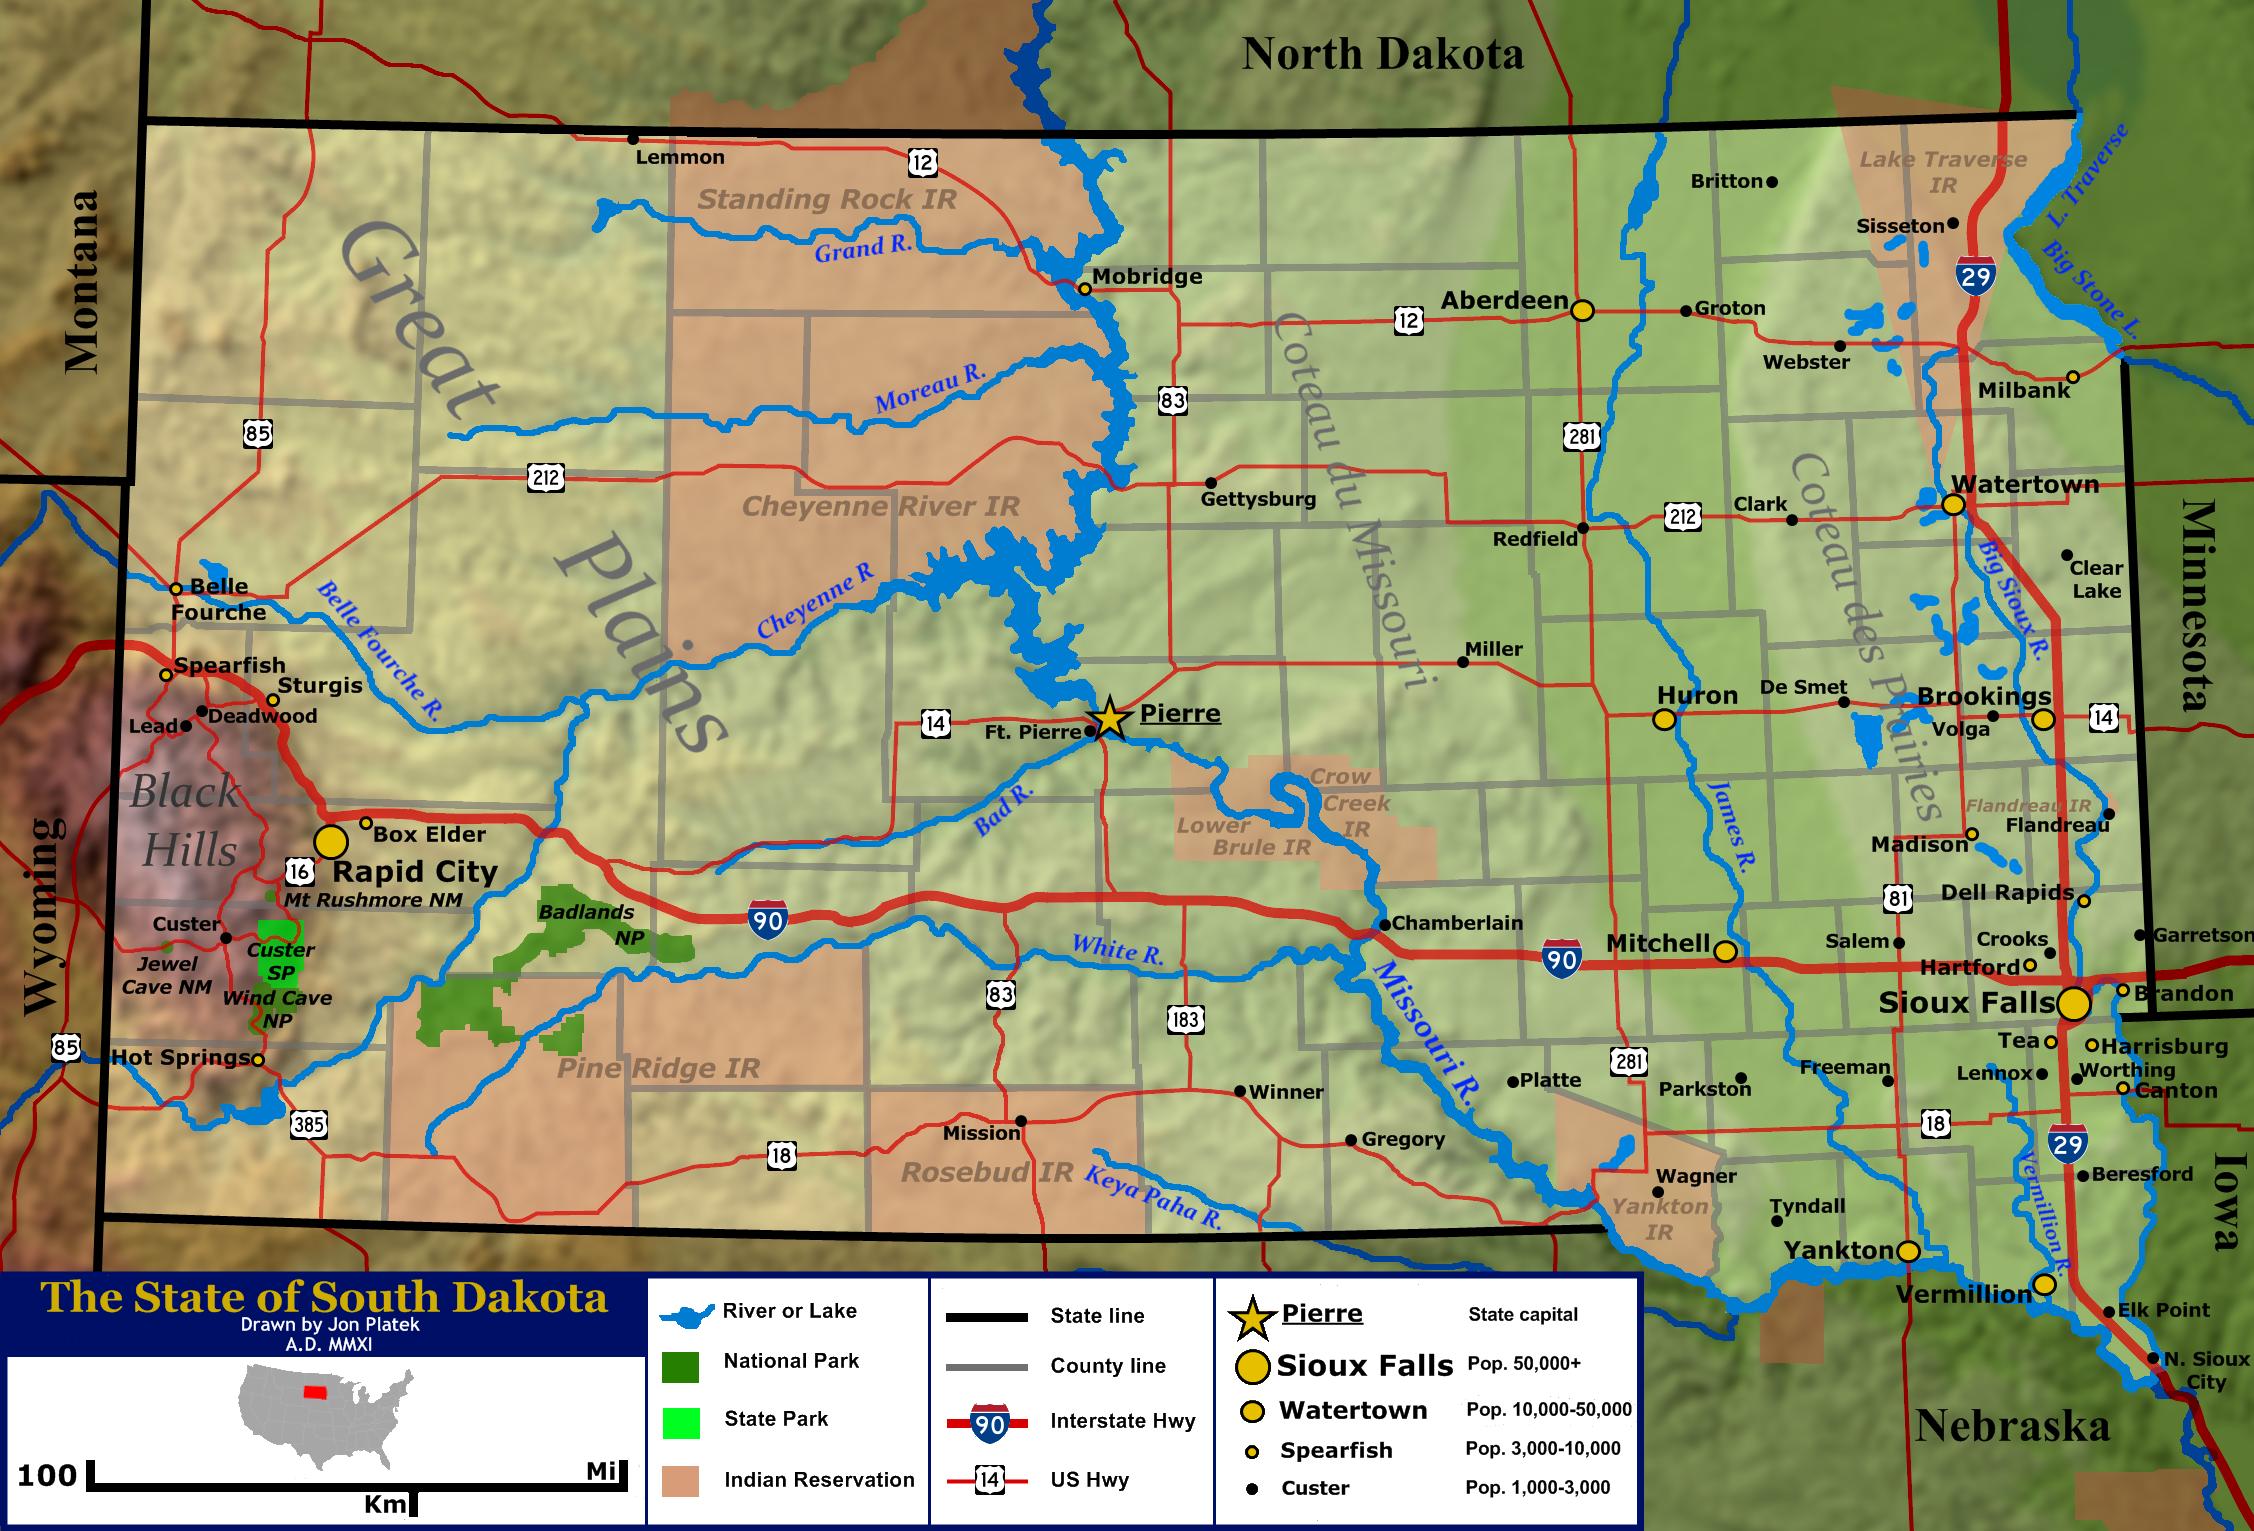 South Dakota 1879 Landmark Map Google Search